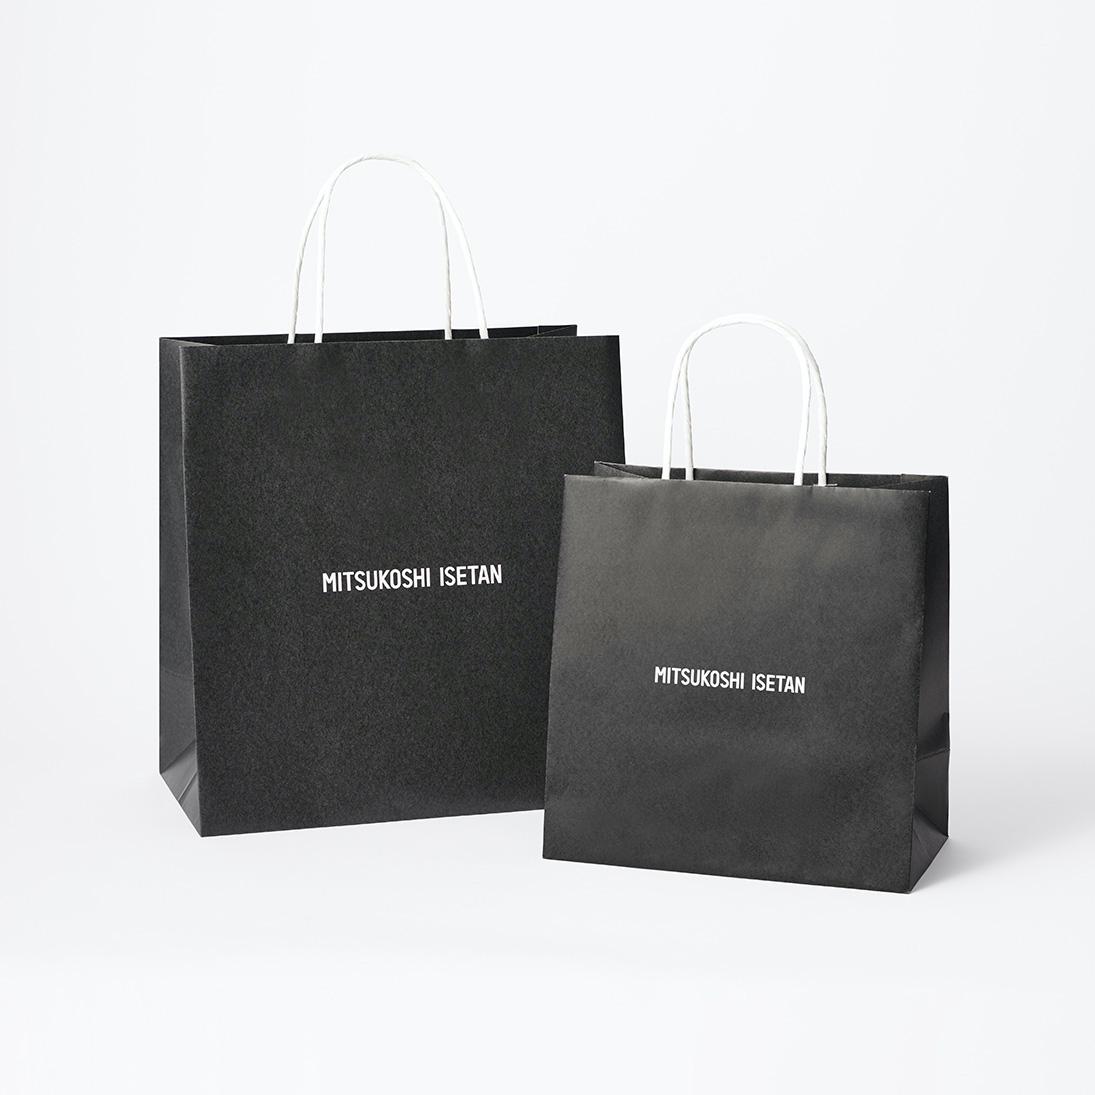 三越伊勢丹HDが食品フロアのプラ製買い物袋を廃止、7月から有料の紙袋に